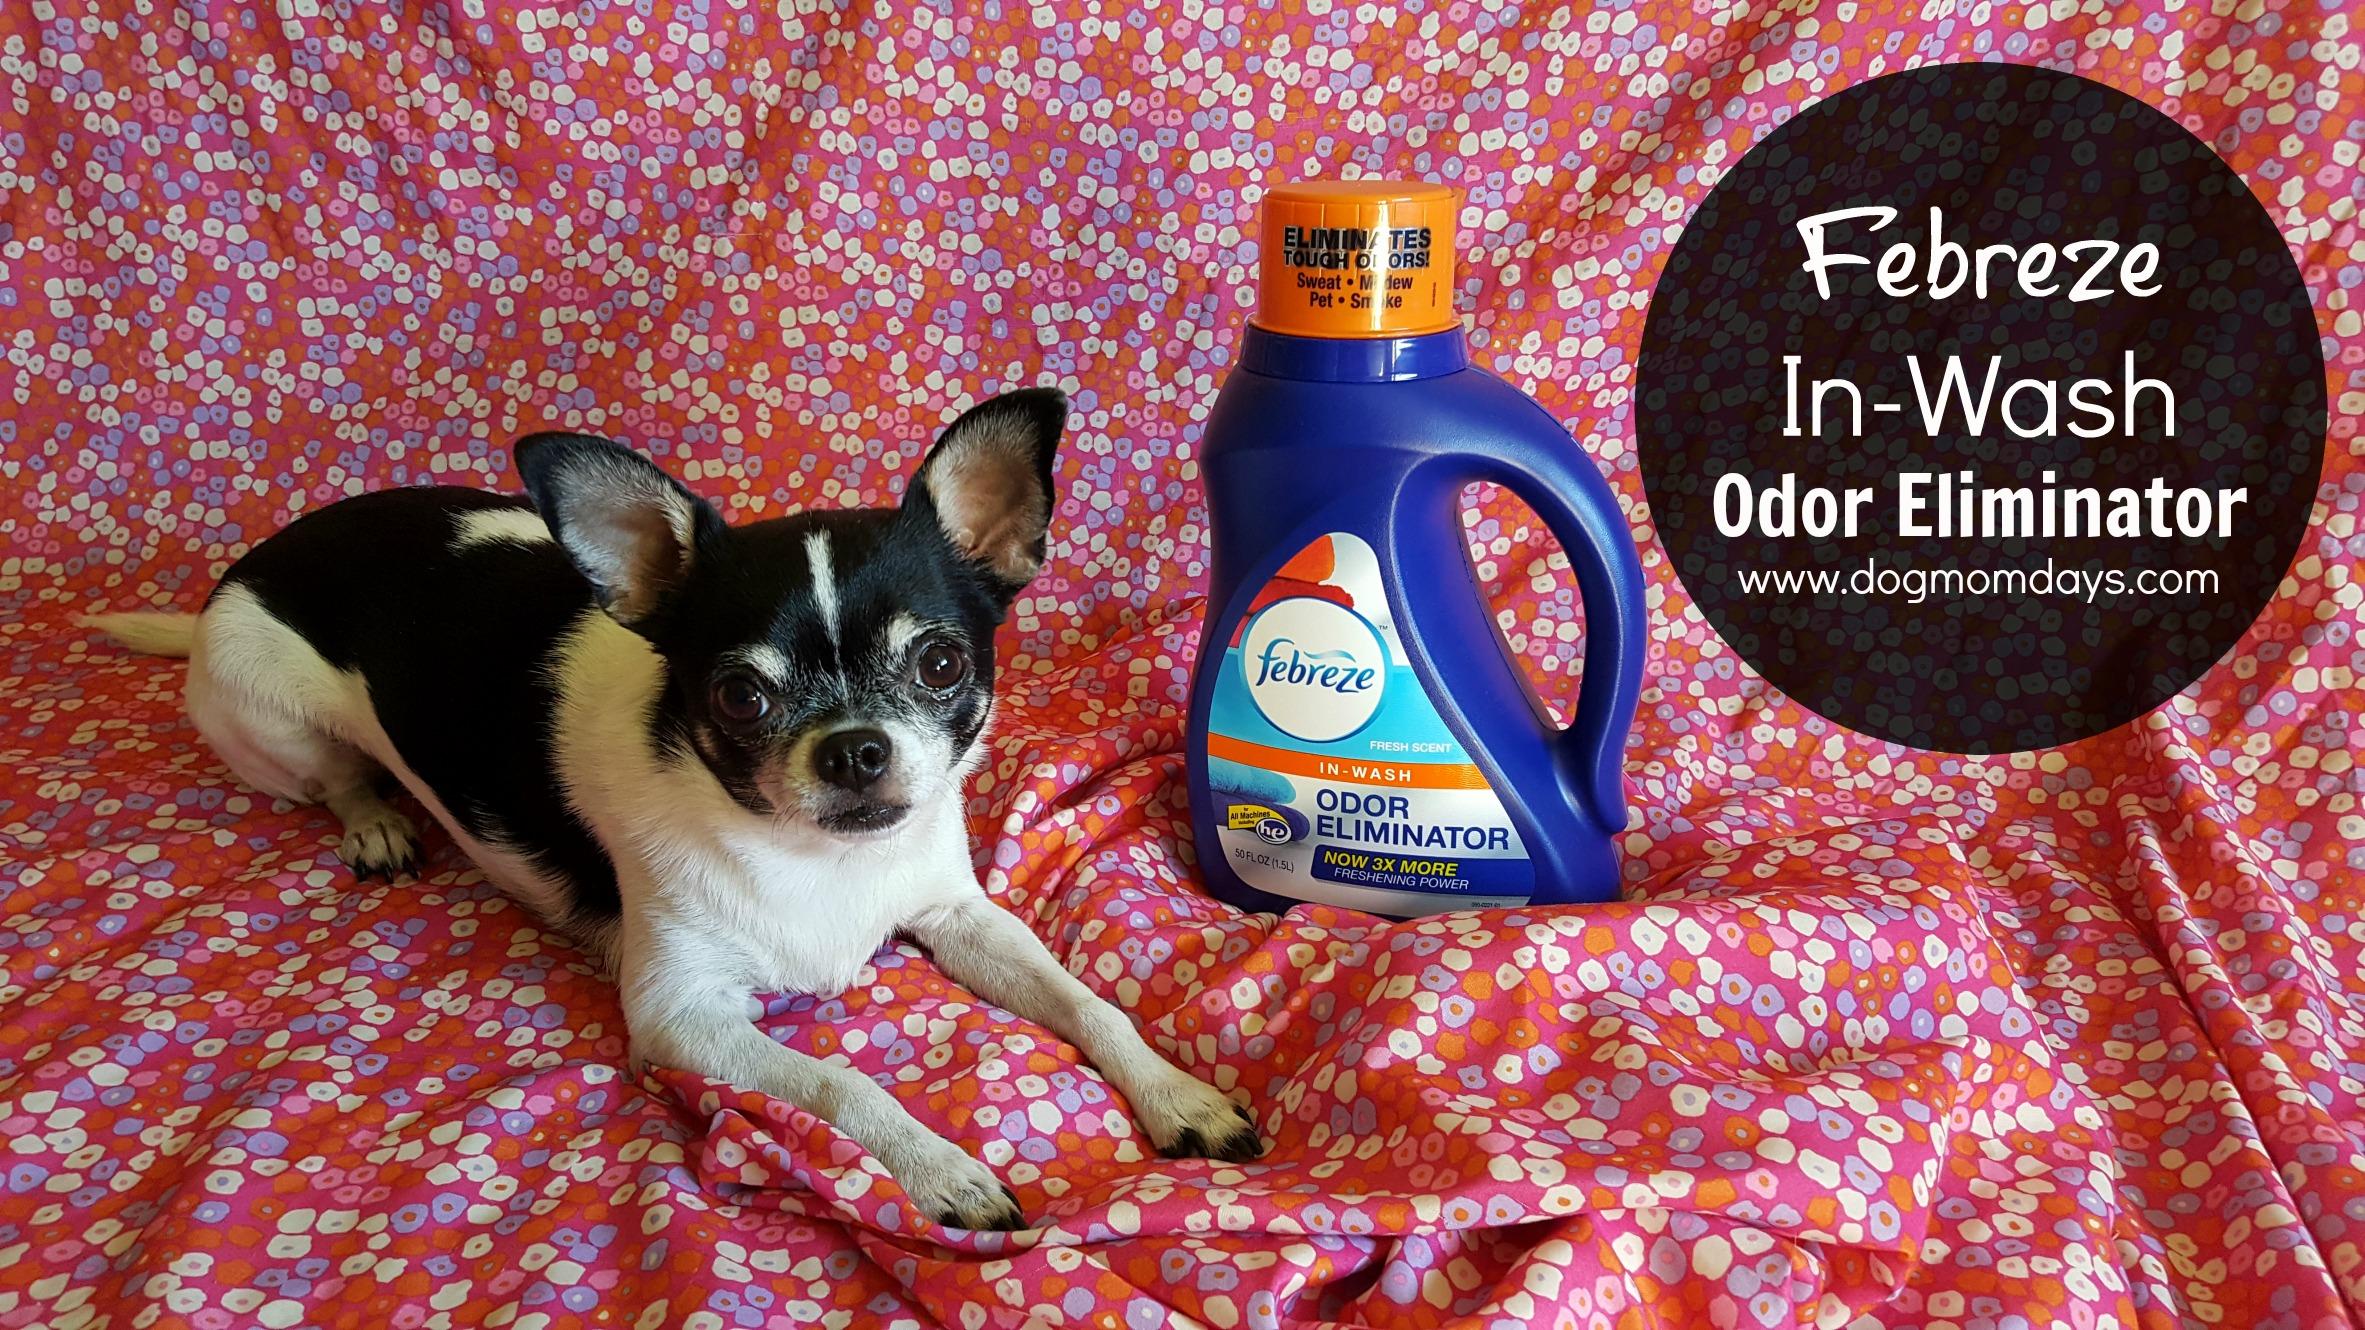 Febreze In-Wash Odor Eliminator